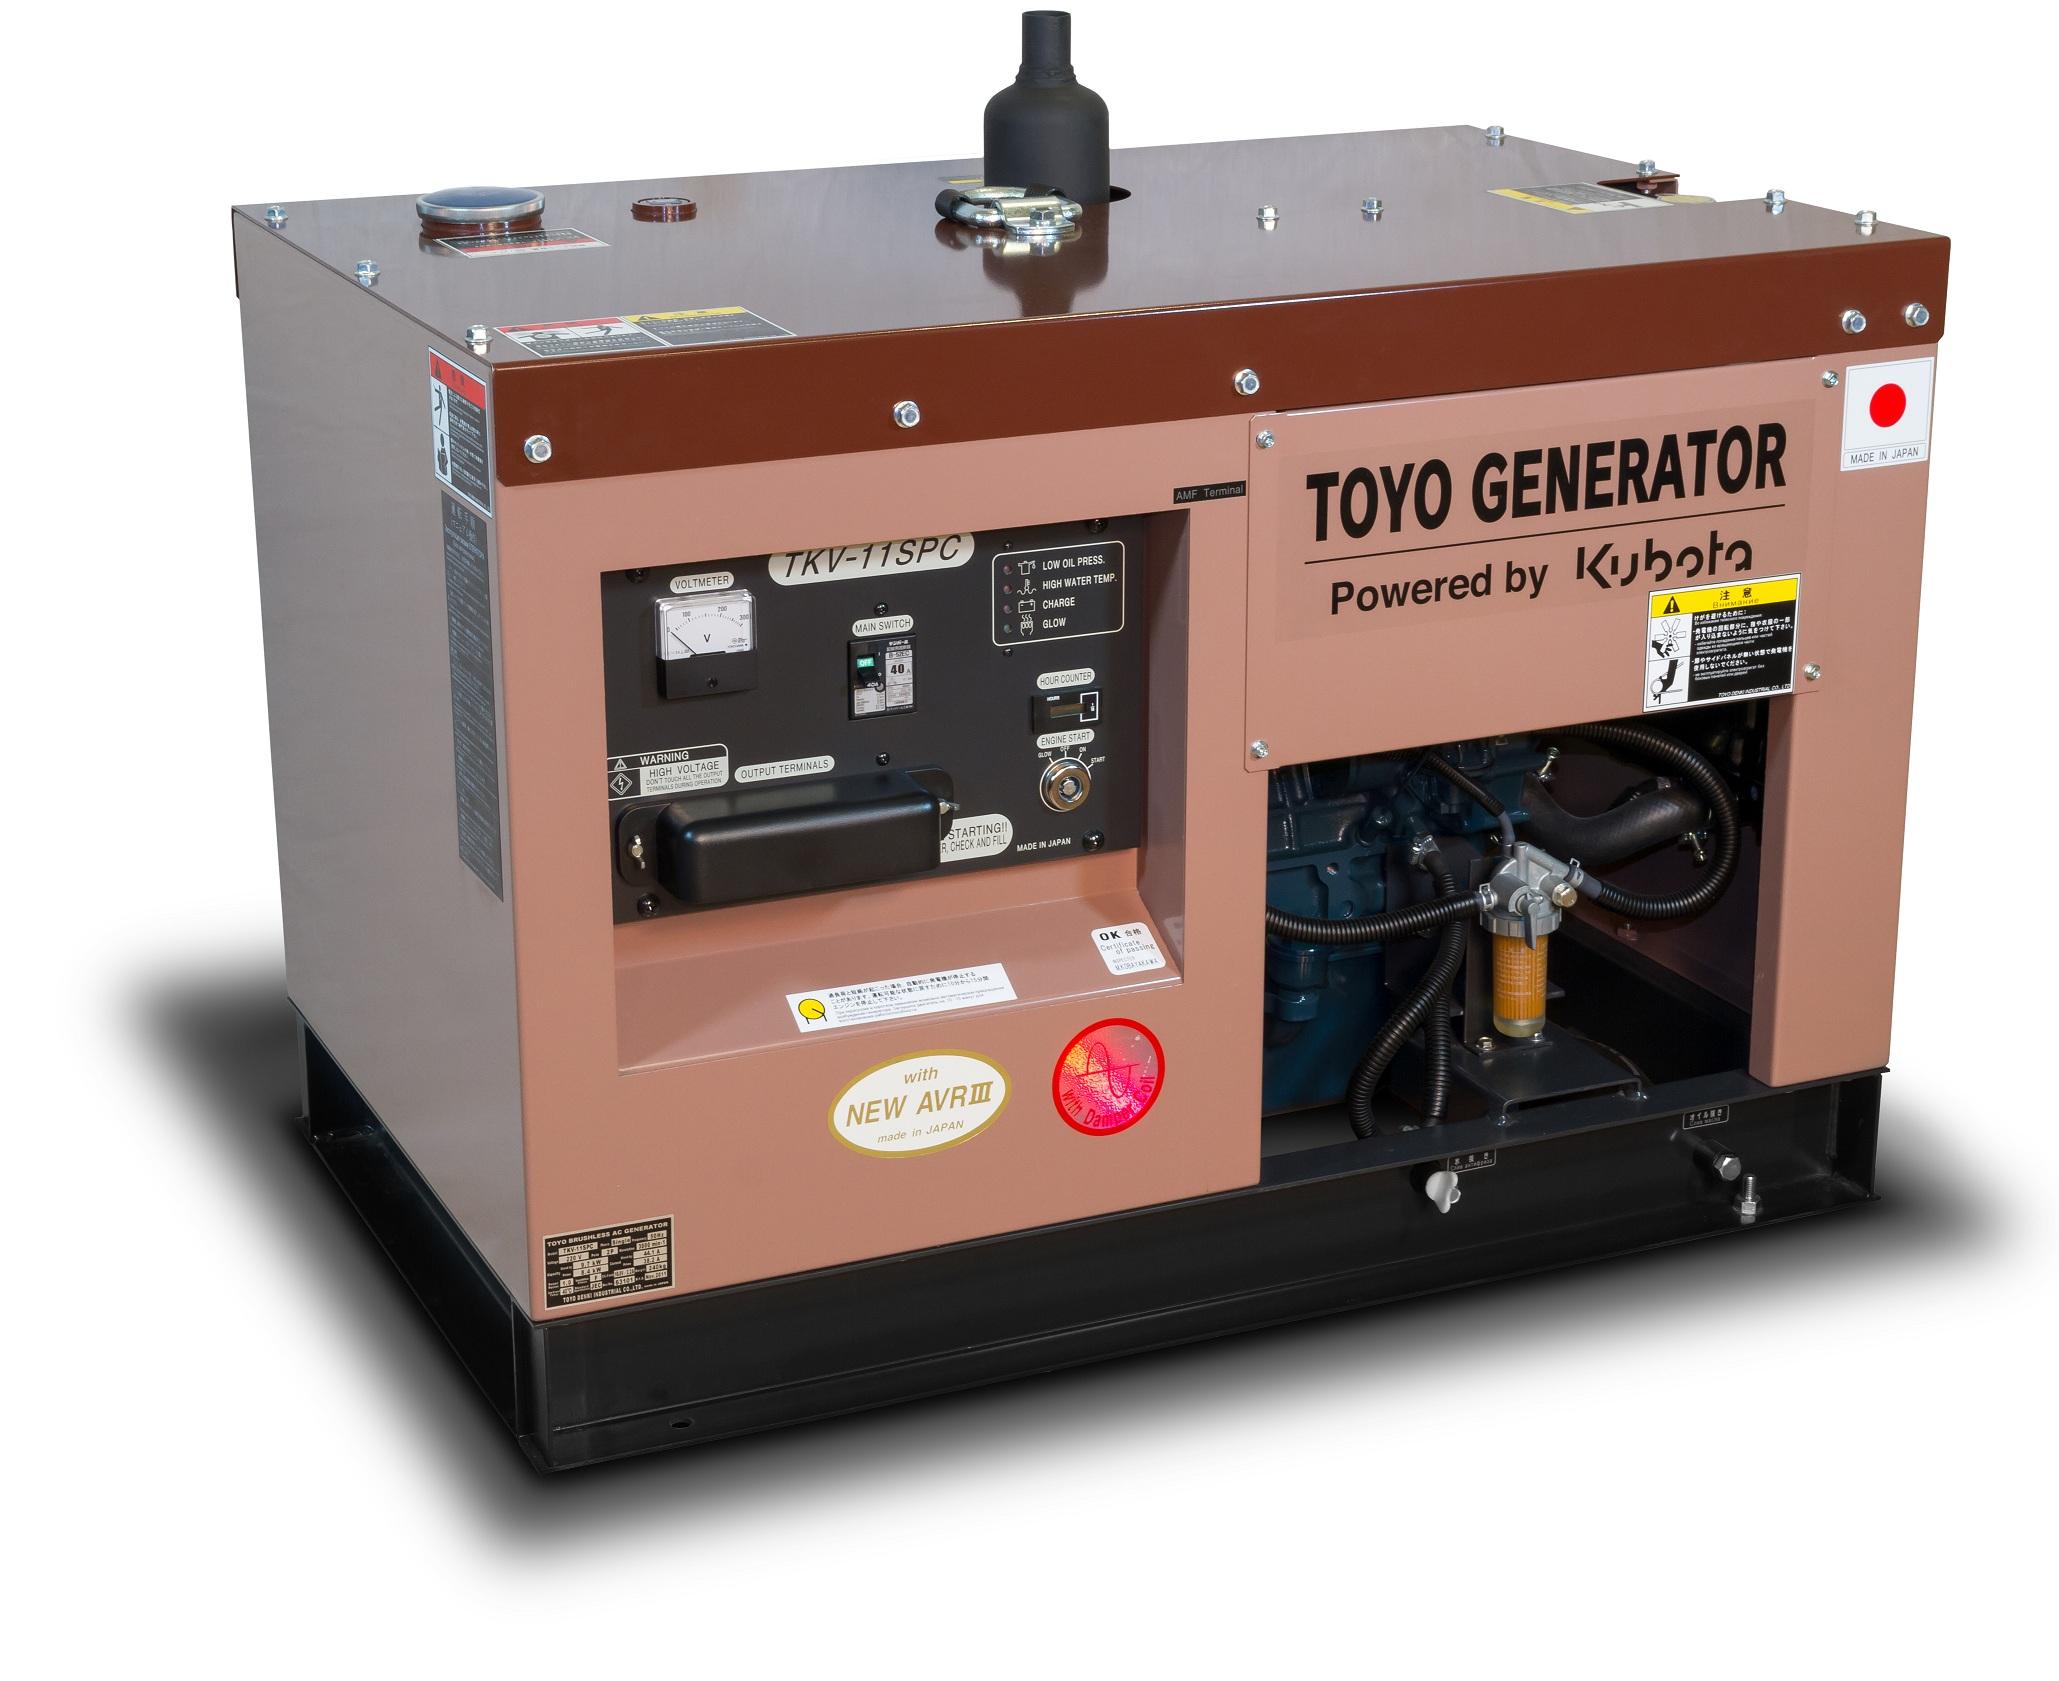 Дизельный генератор (электростанция) TOYO TKV-11SPC